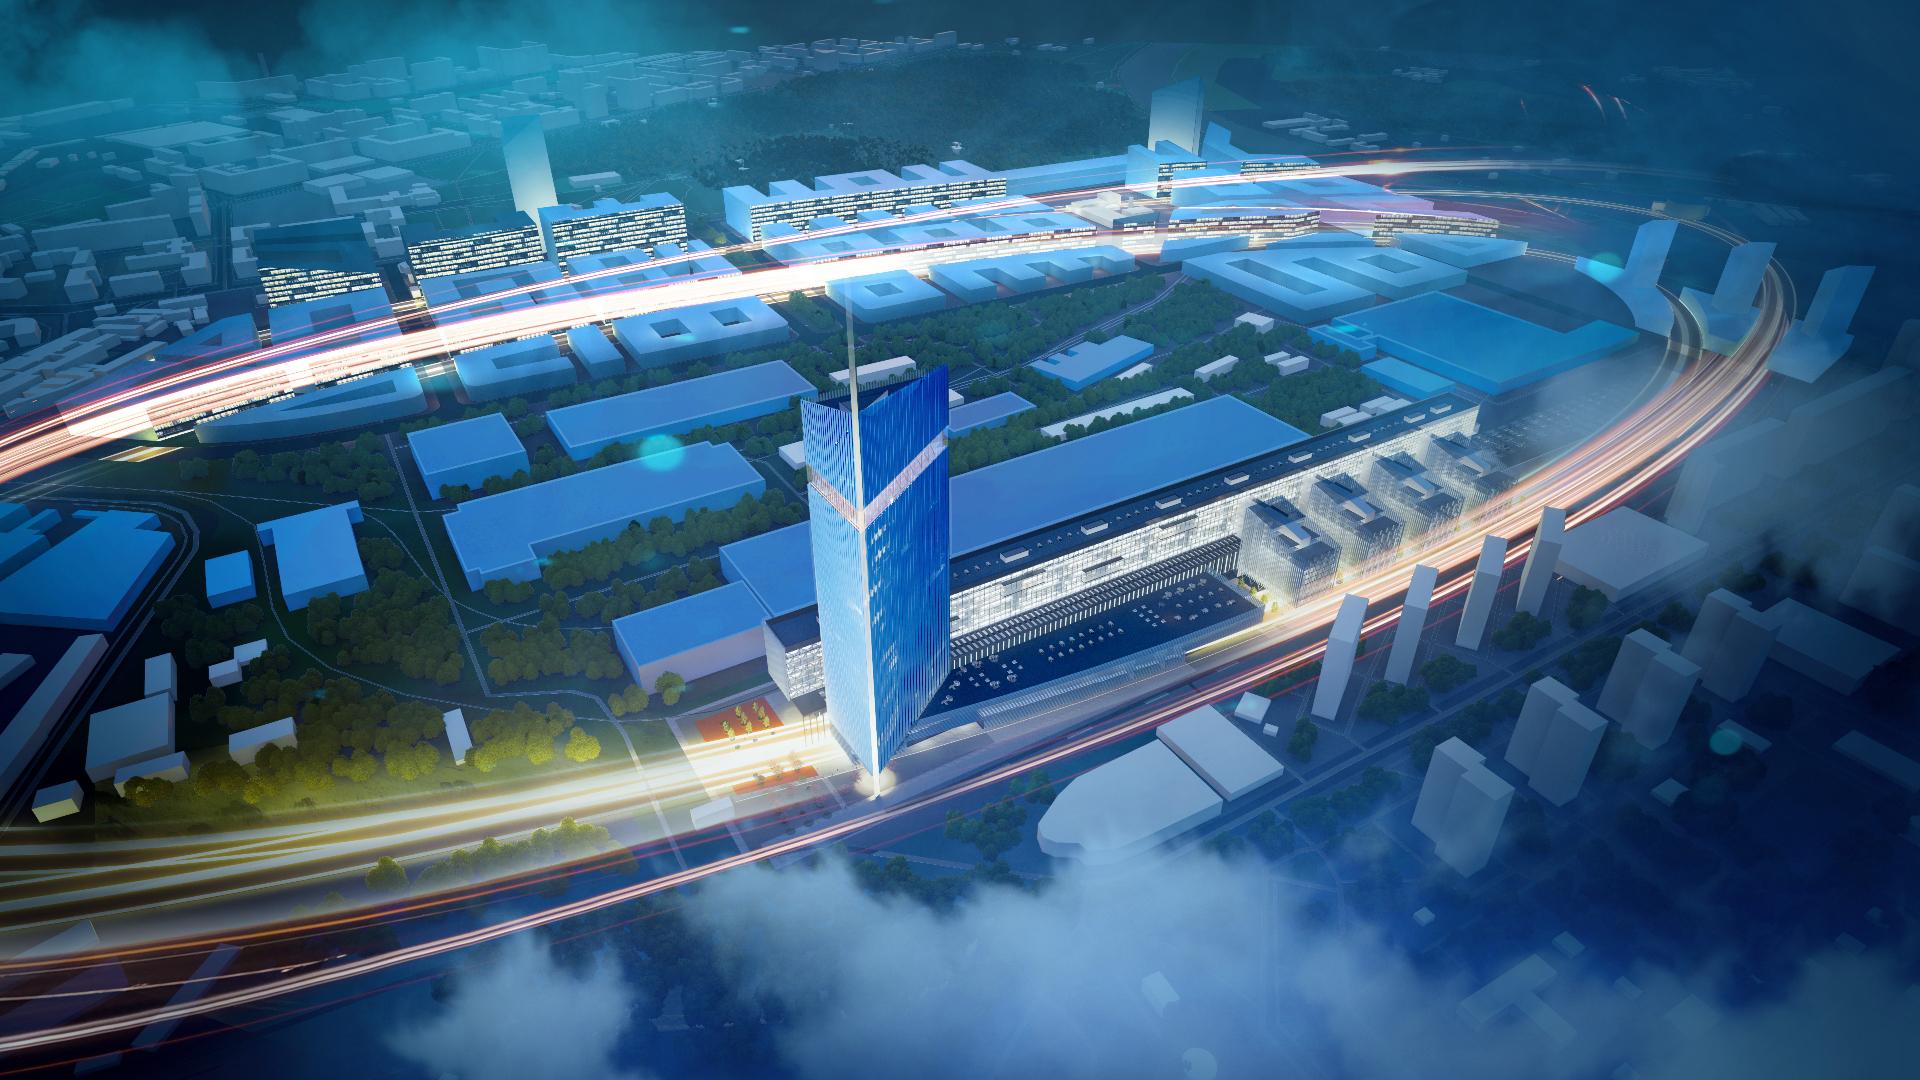 Проектный вид Национального космического центра. Визуализация с сайта roscosmos.ru